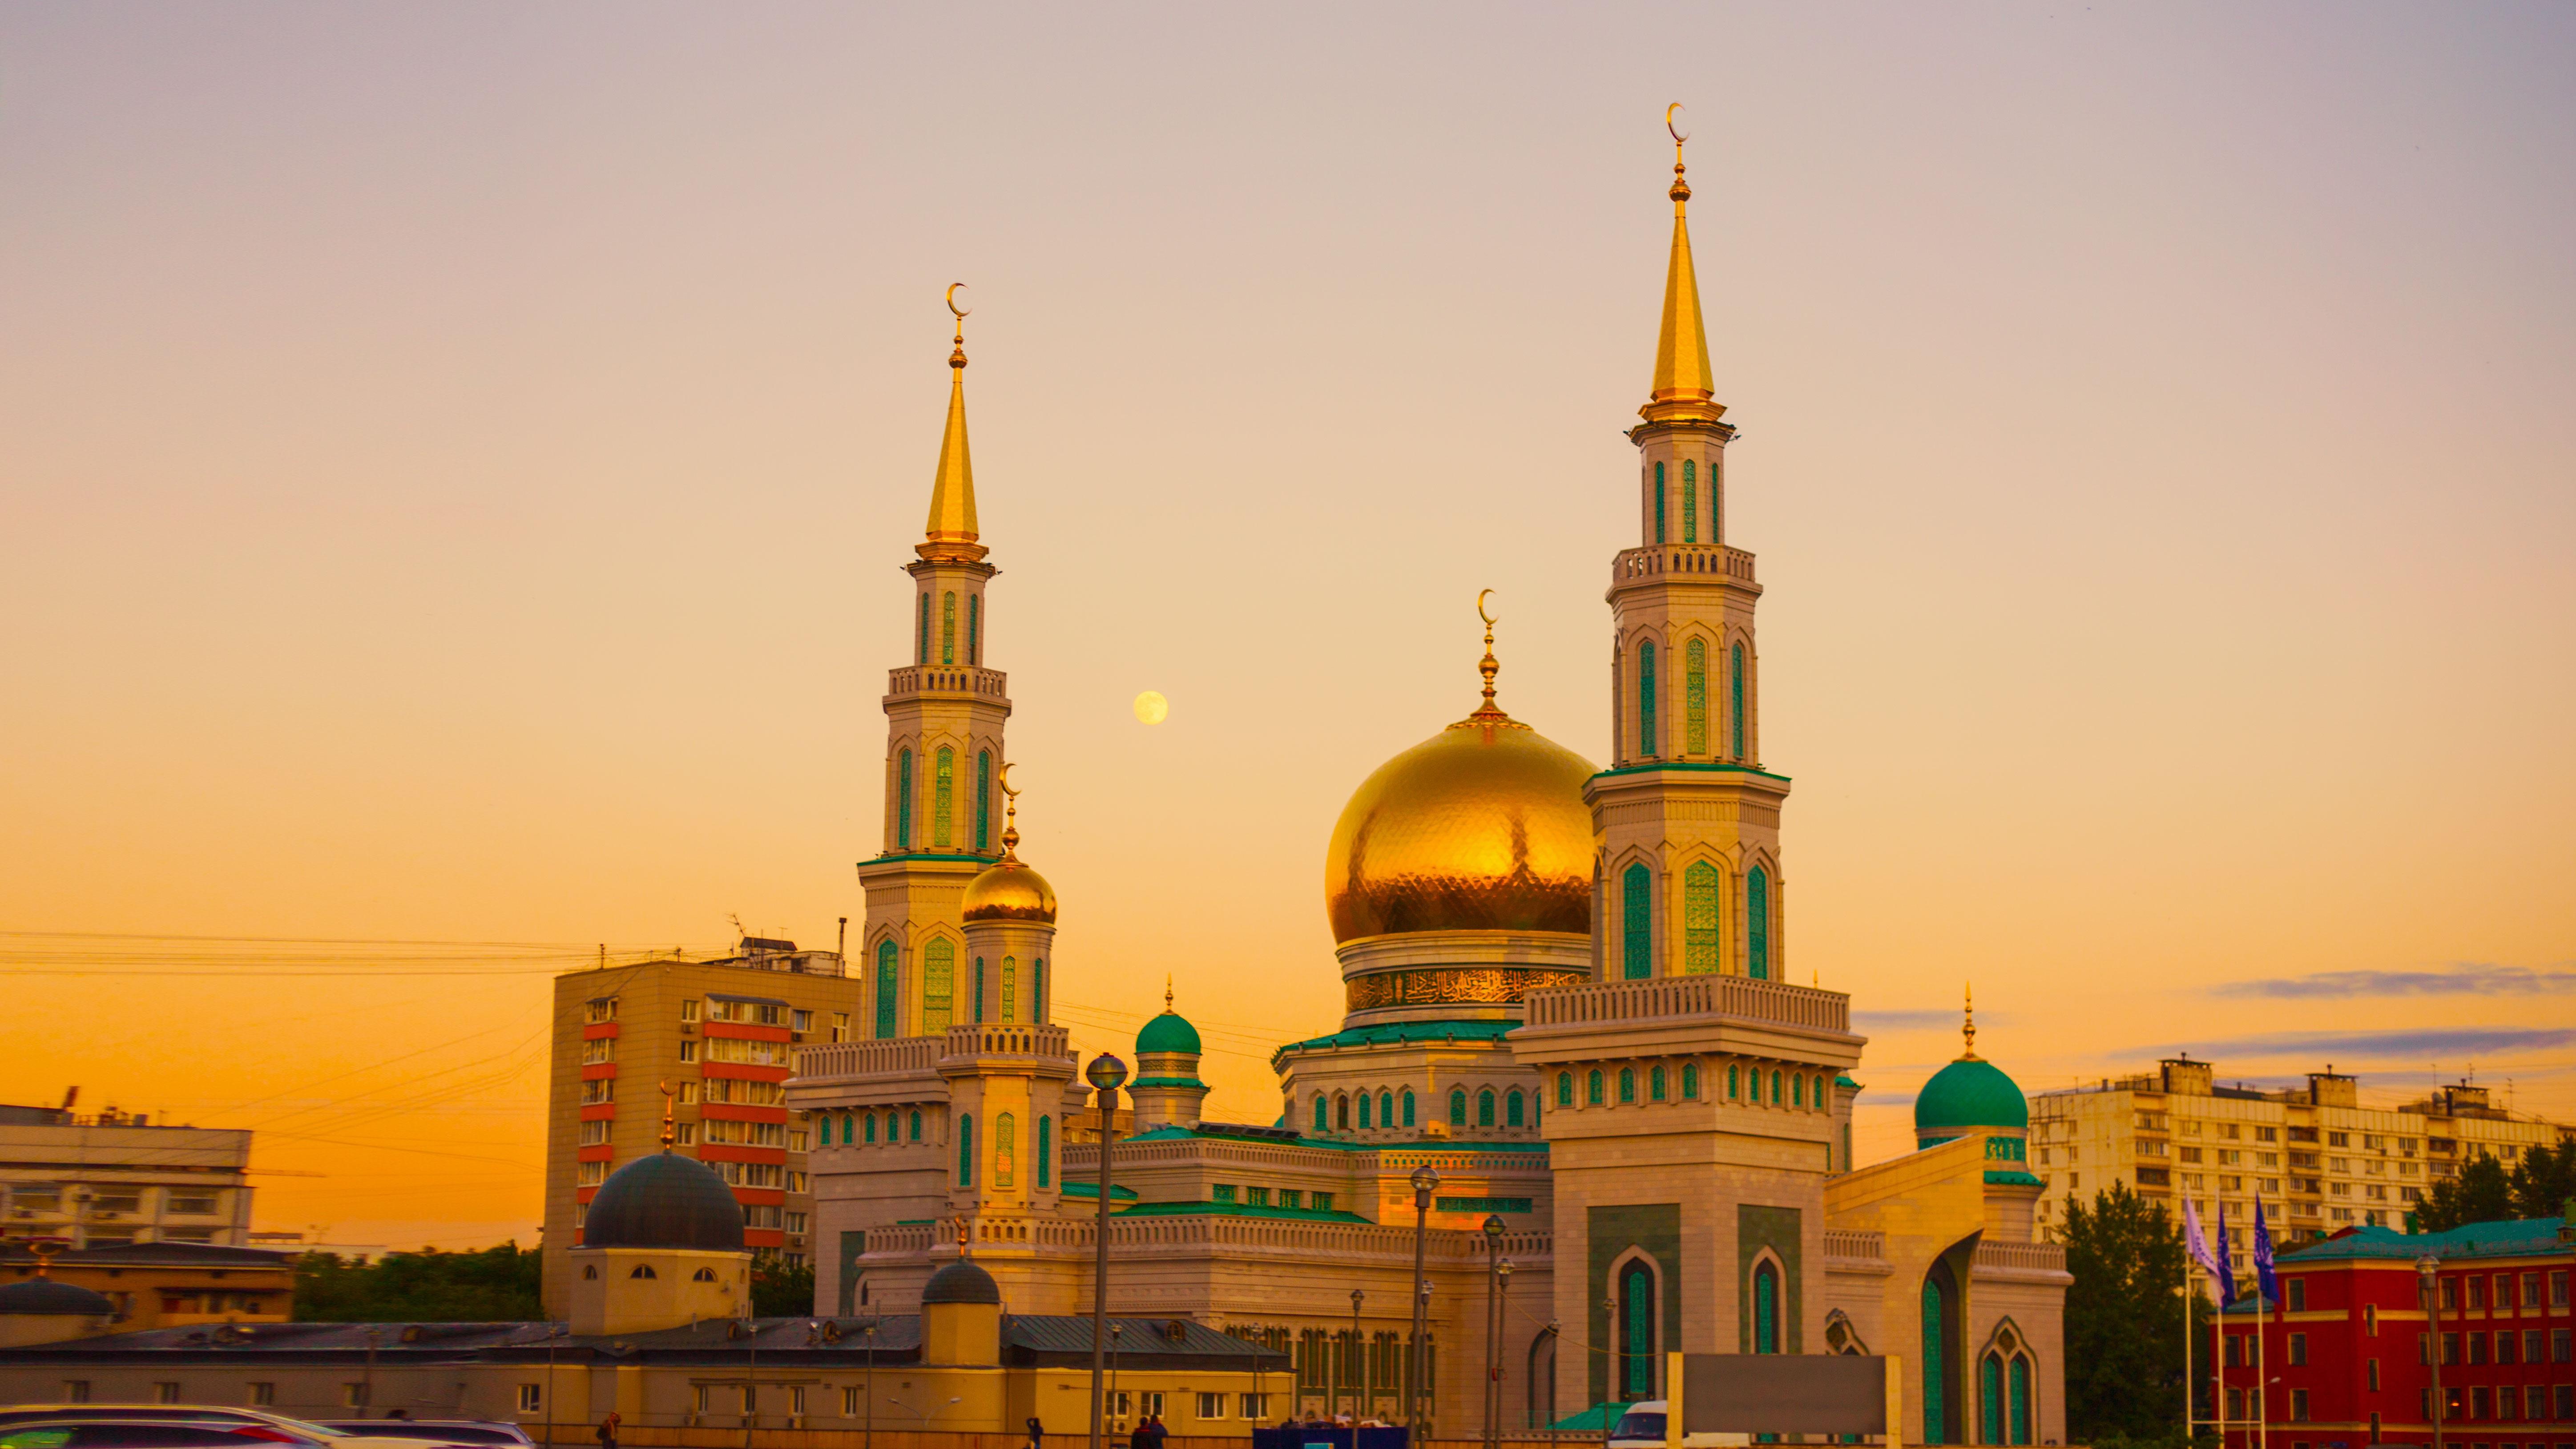 15-melhores-lugares-para-viajar-esse-ano-2018-russia 15 melhores lugares para viajar esse ano 2018